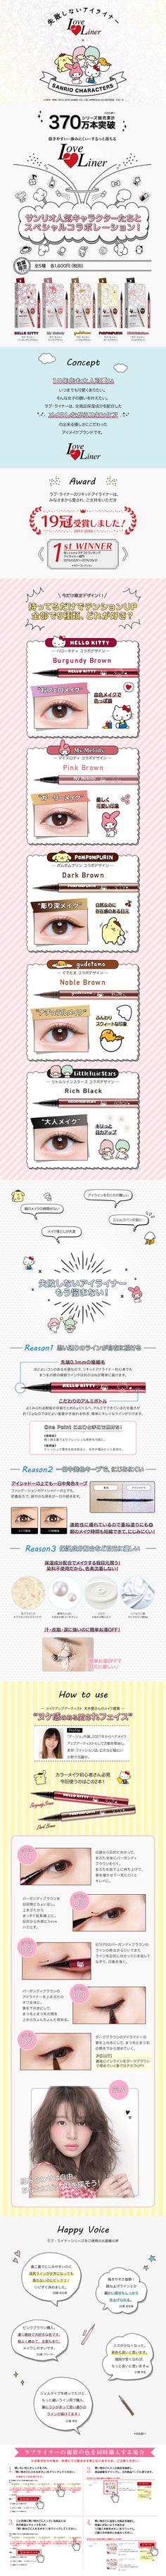 http://rdlp.jp/archives/otherdesign/lp/21323